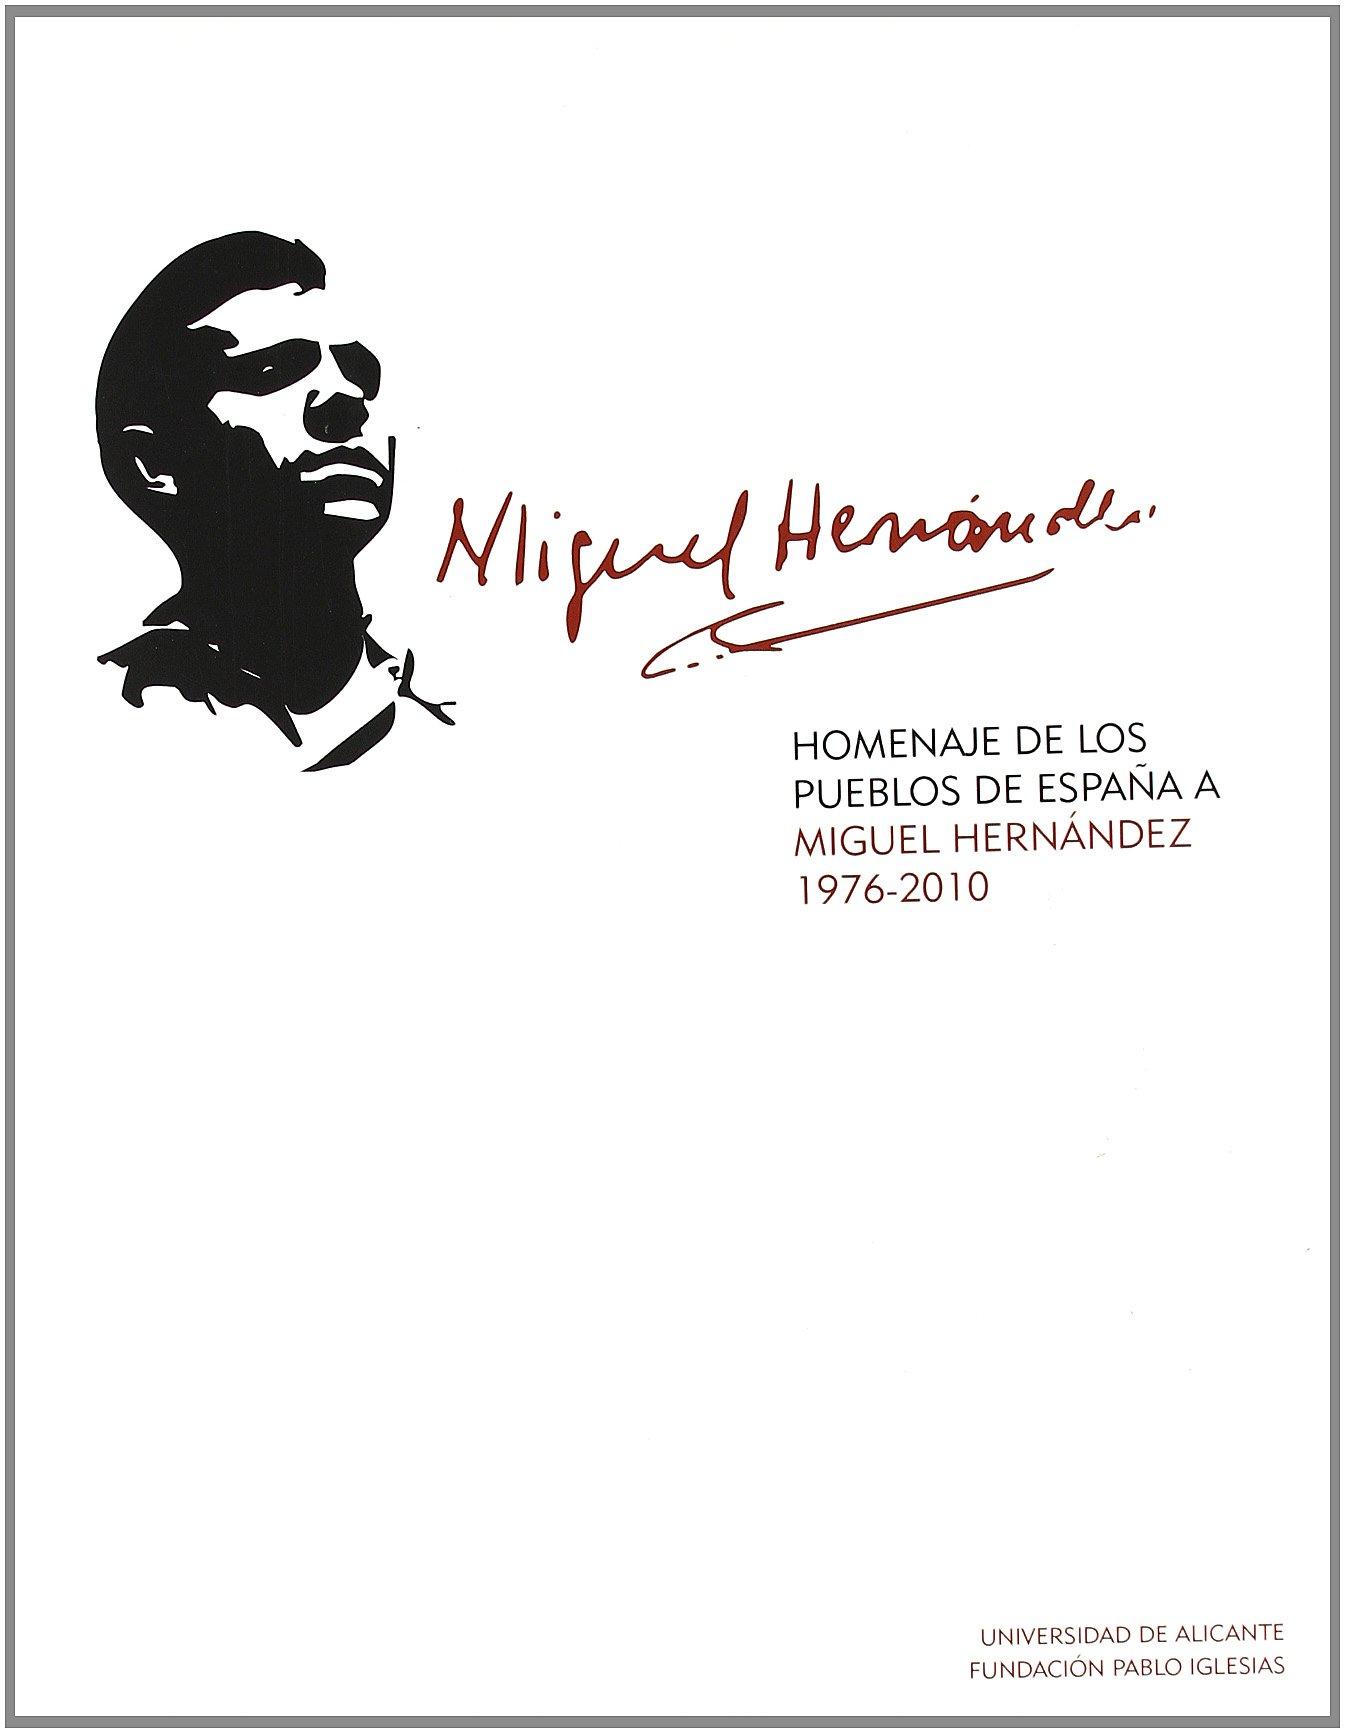 HOMENAJE PUEBLOS DE ESPAÑA A MIGUEL HERNANDEZ 1976-2010: Amazon.es: Moreno Sáez, Francisco, Perea Soro, José María: Libros